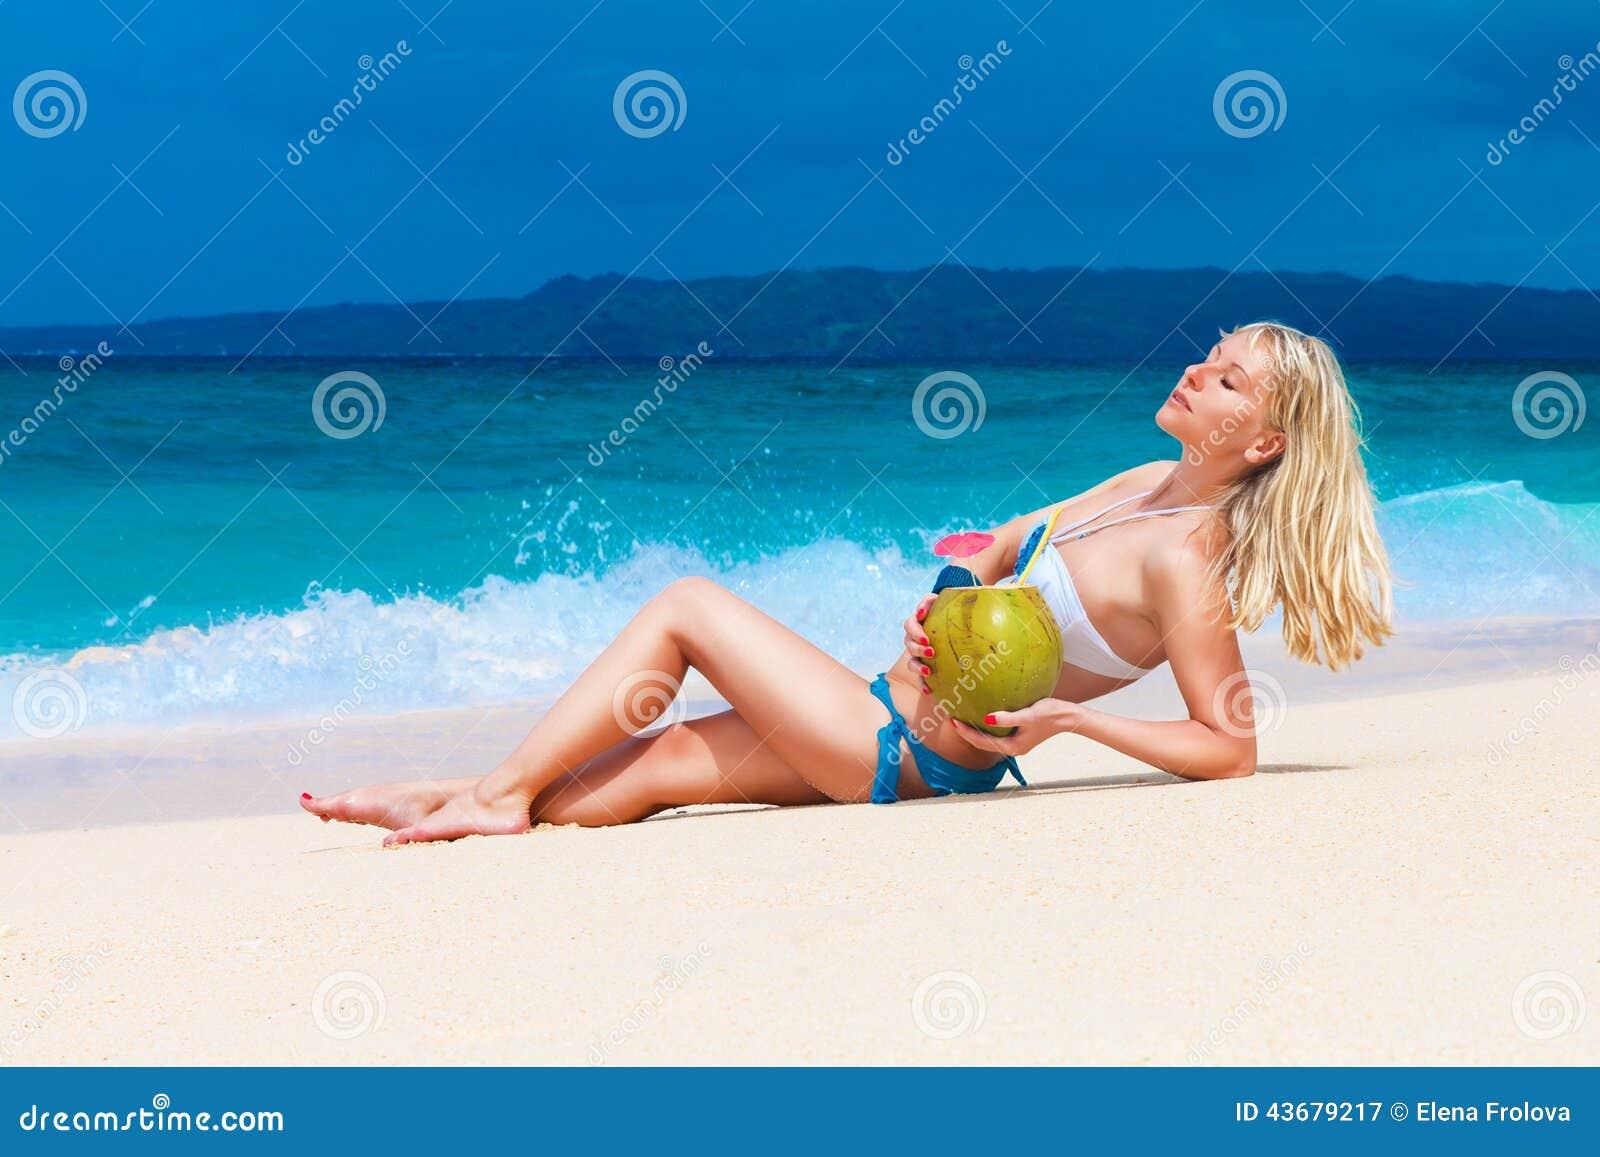 Красивая молодая блондинка фото, большие попки крупным планом картинки онлайн